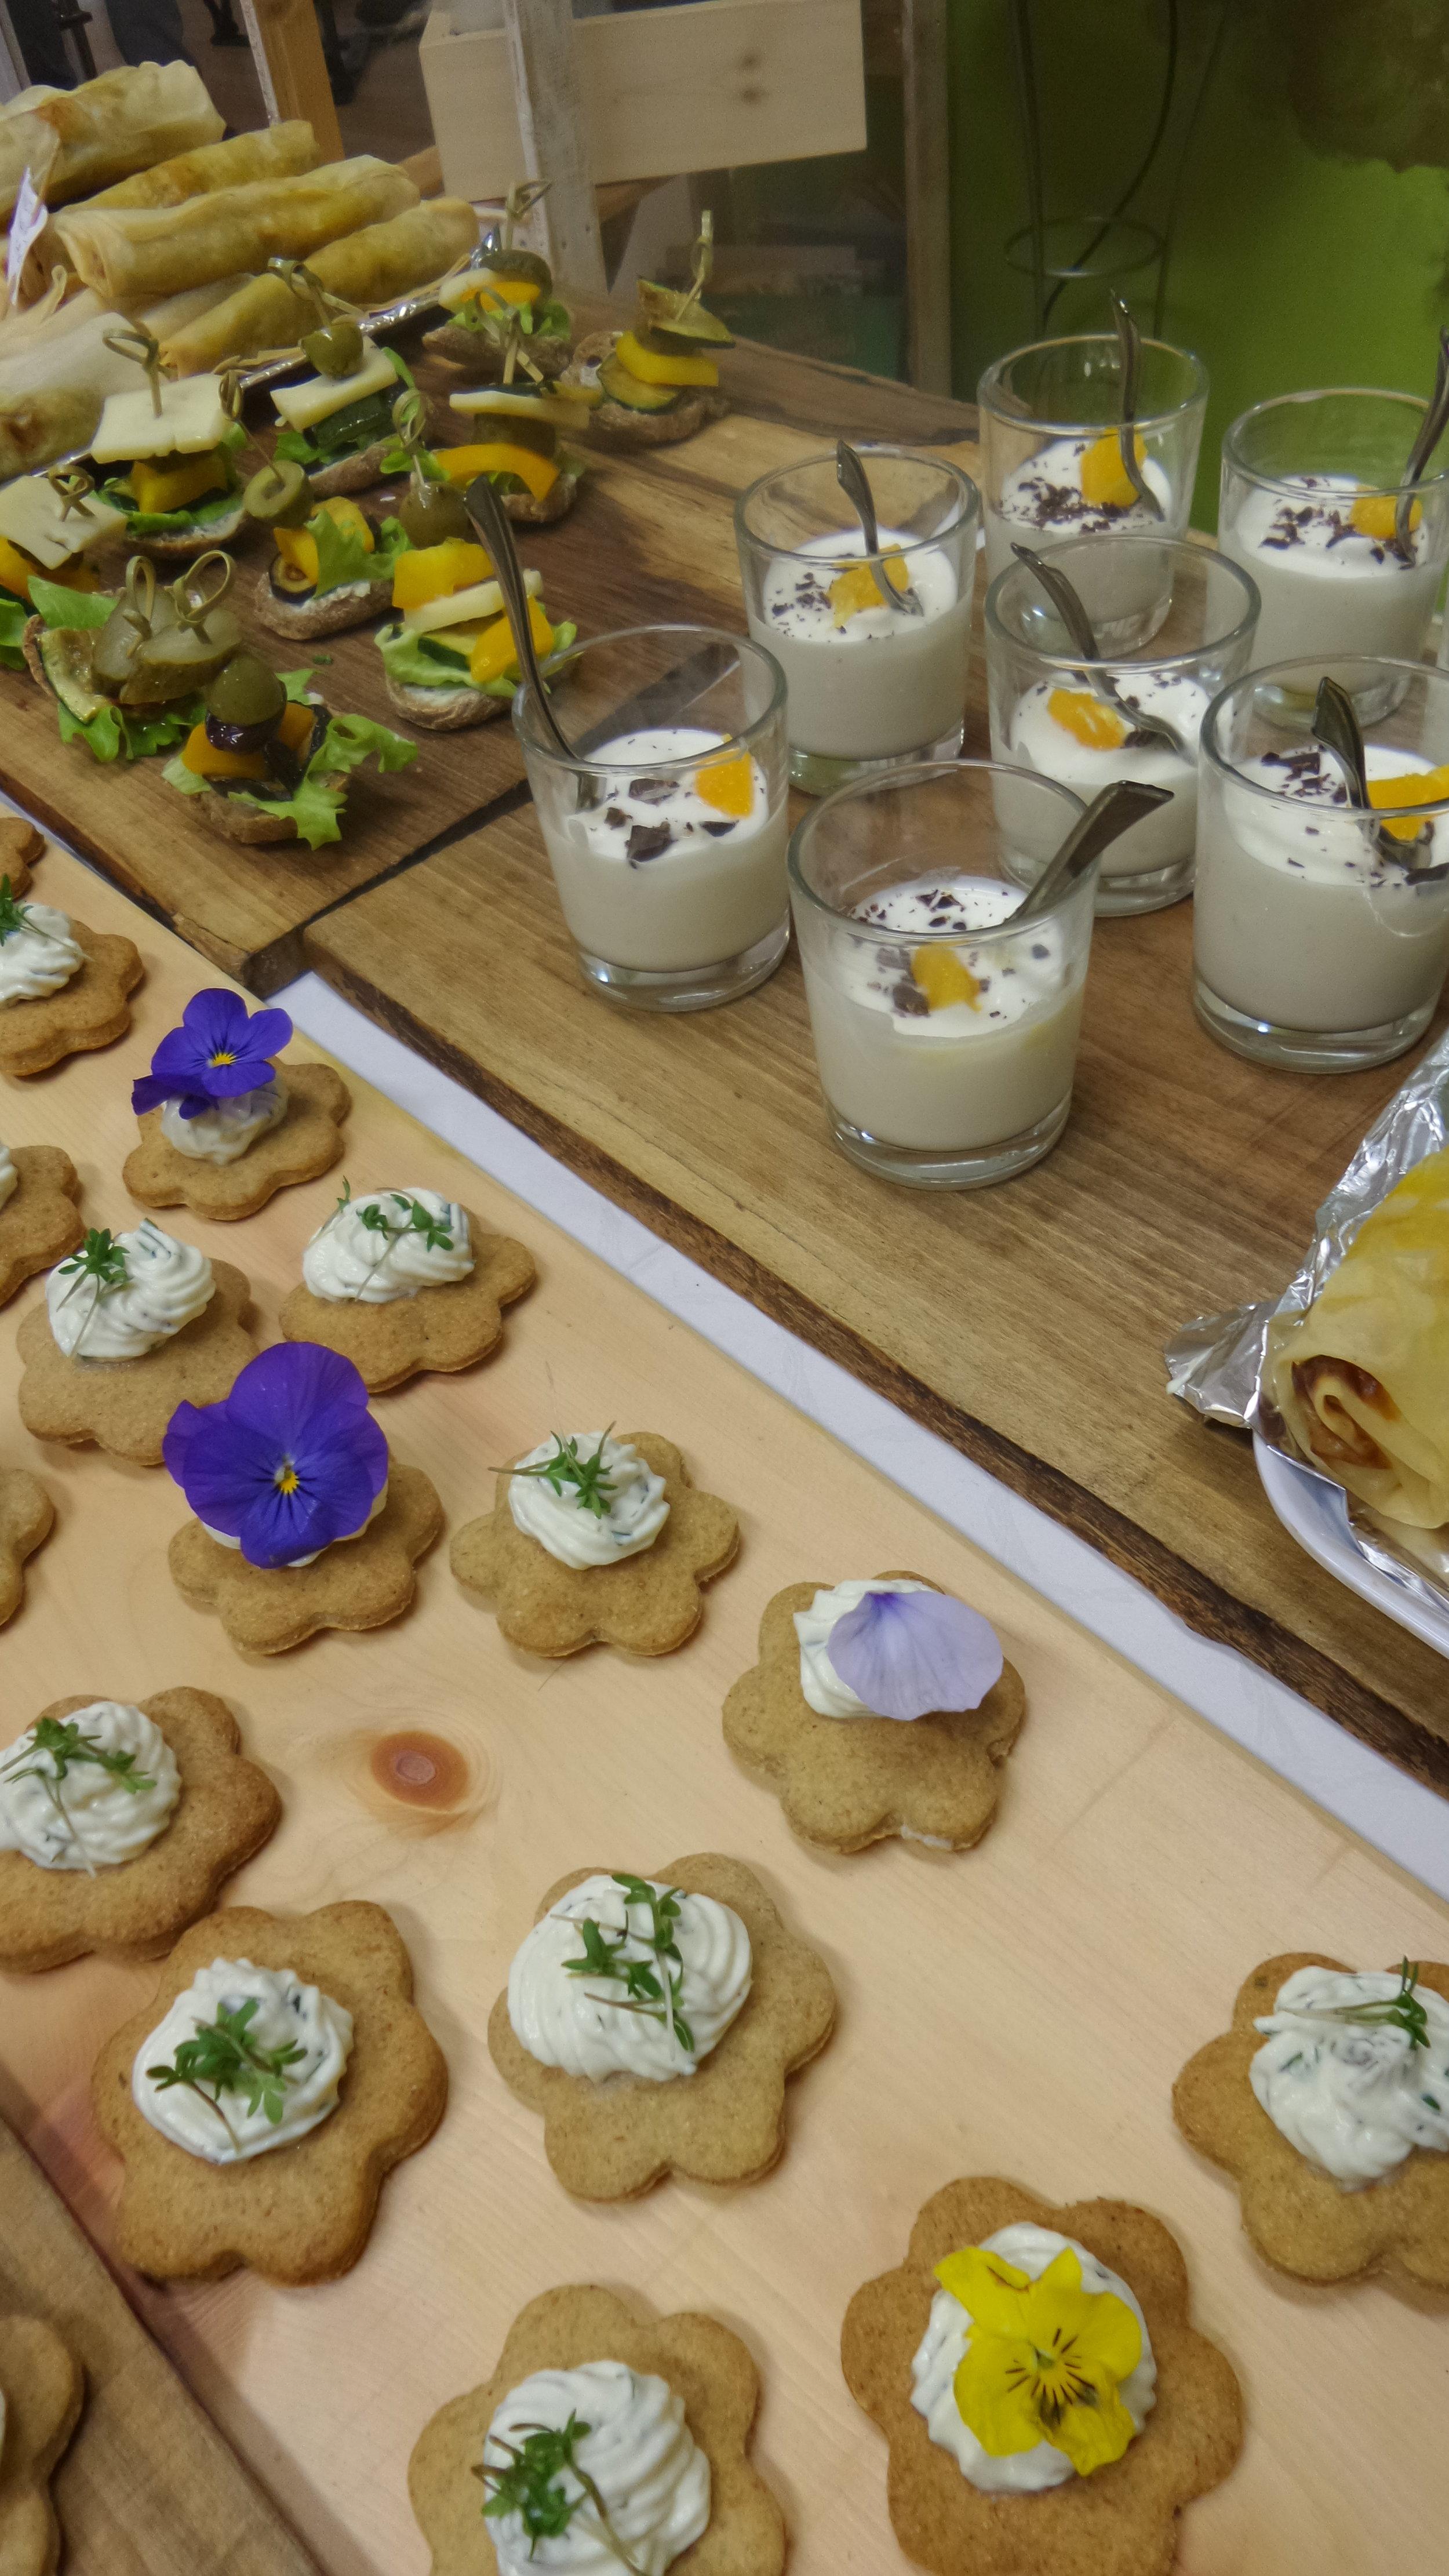 Catering: biologisch, regional,fair - By Natur pur in Zusammenarbeit mit Sggf-Südtiroler Gesellschaft für Gesundheitsförderung und dem Verein Quincho Barrilete